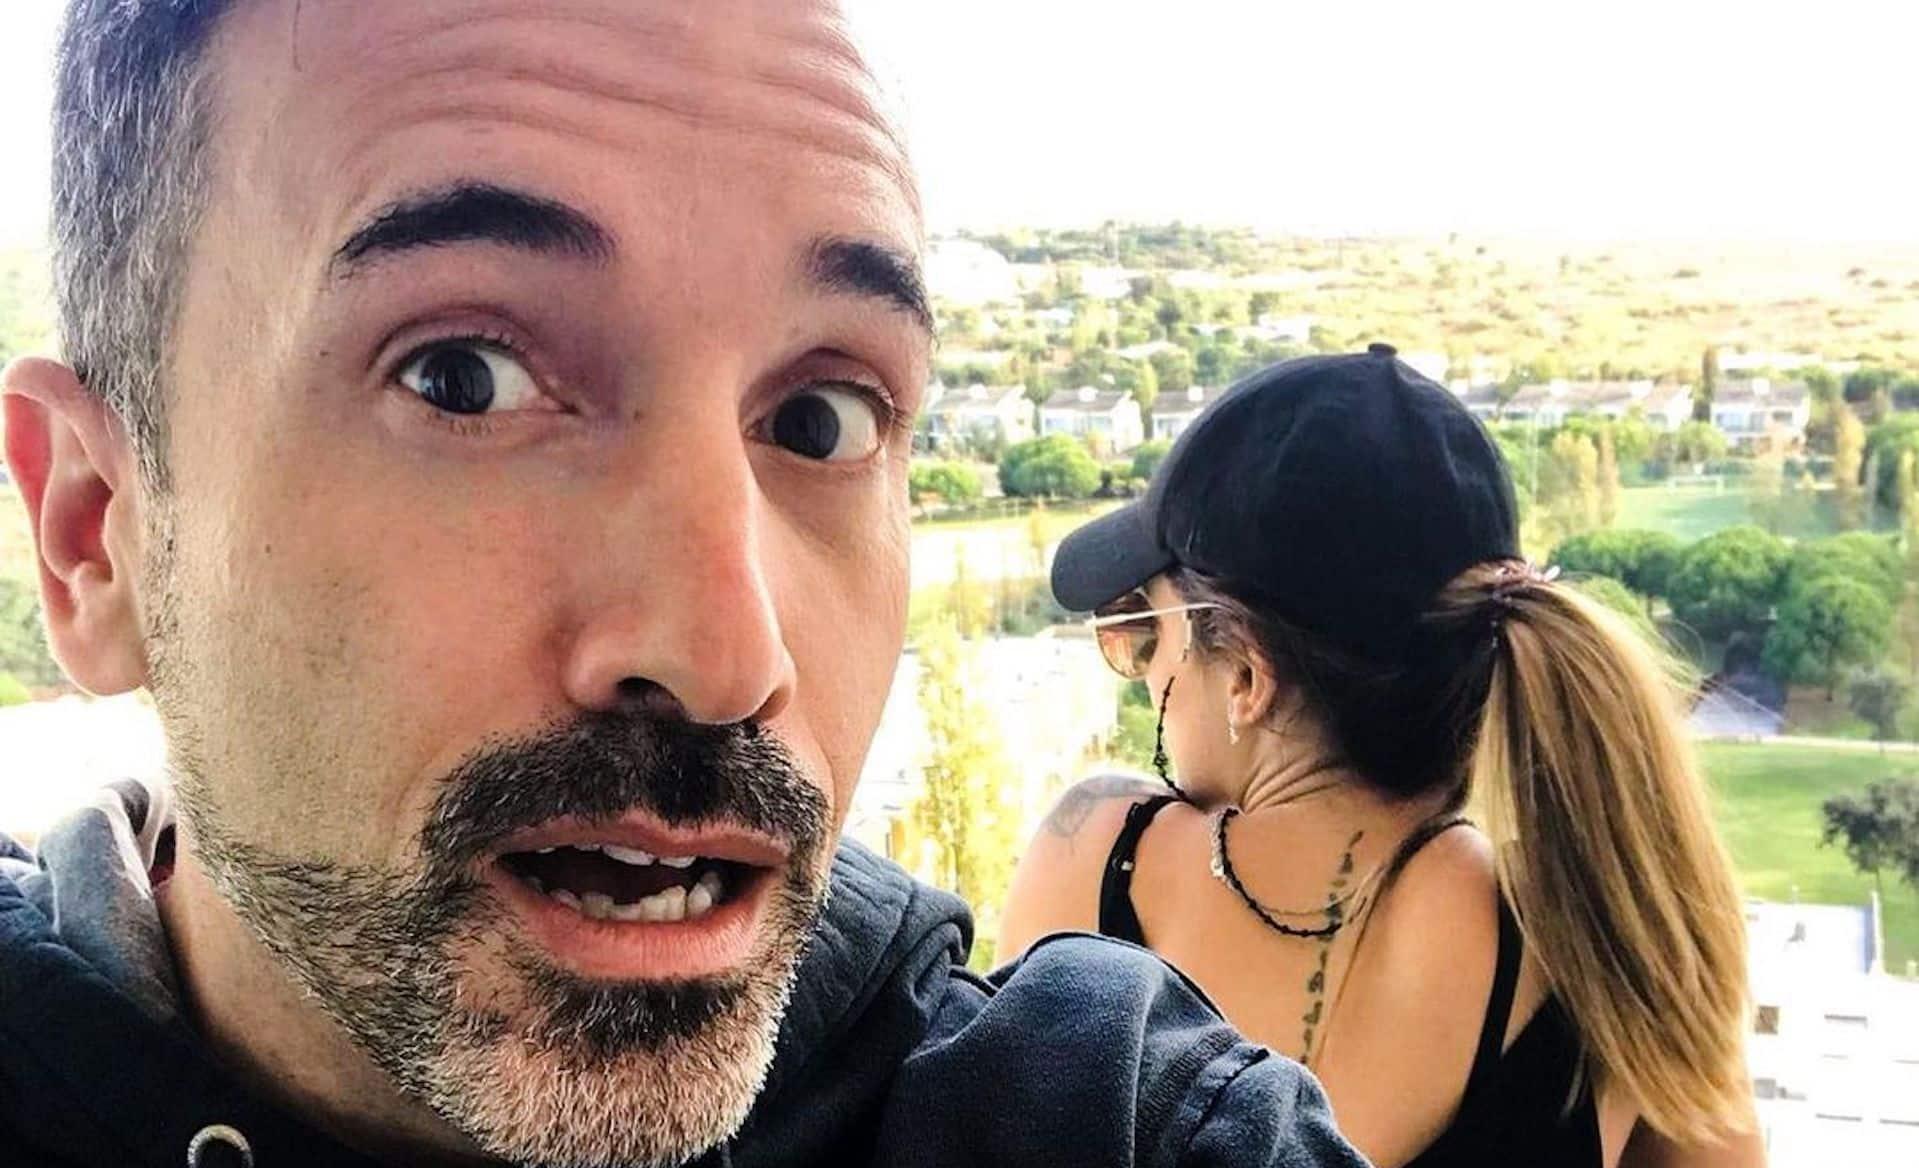 Marco Horacio Namorada